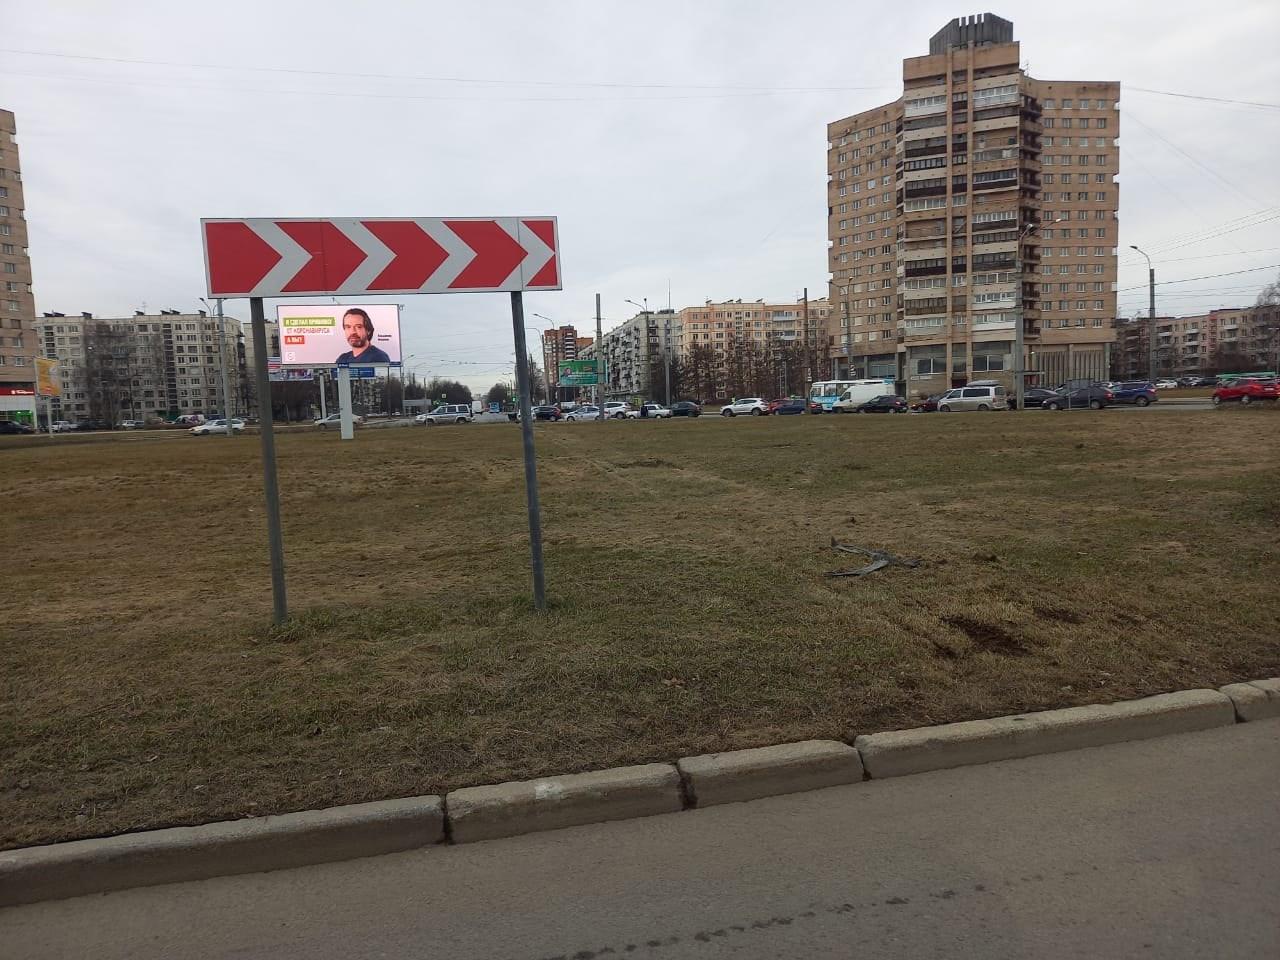 Ситимобил утром отличился - проехал Северную площадь аж насквозь. Местные жители говорят, что таких,...